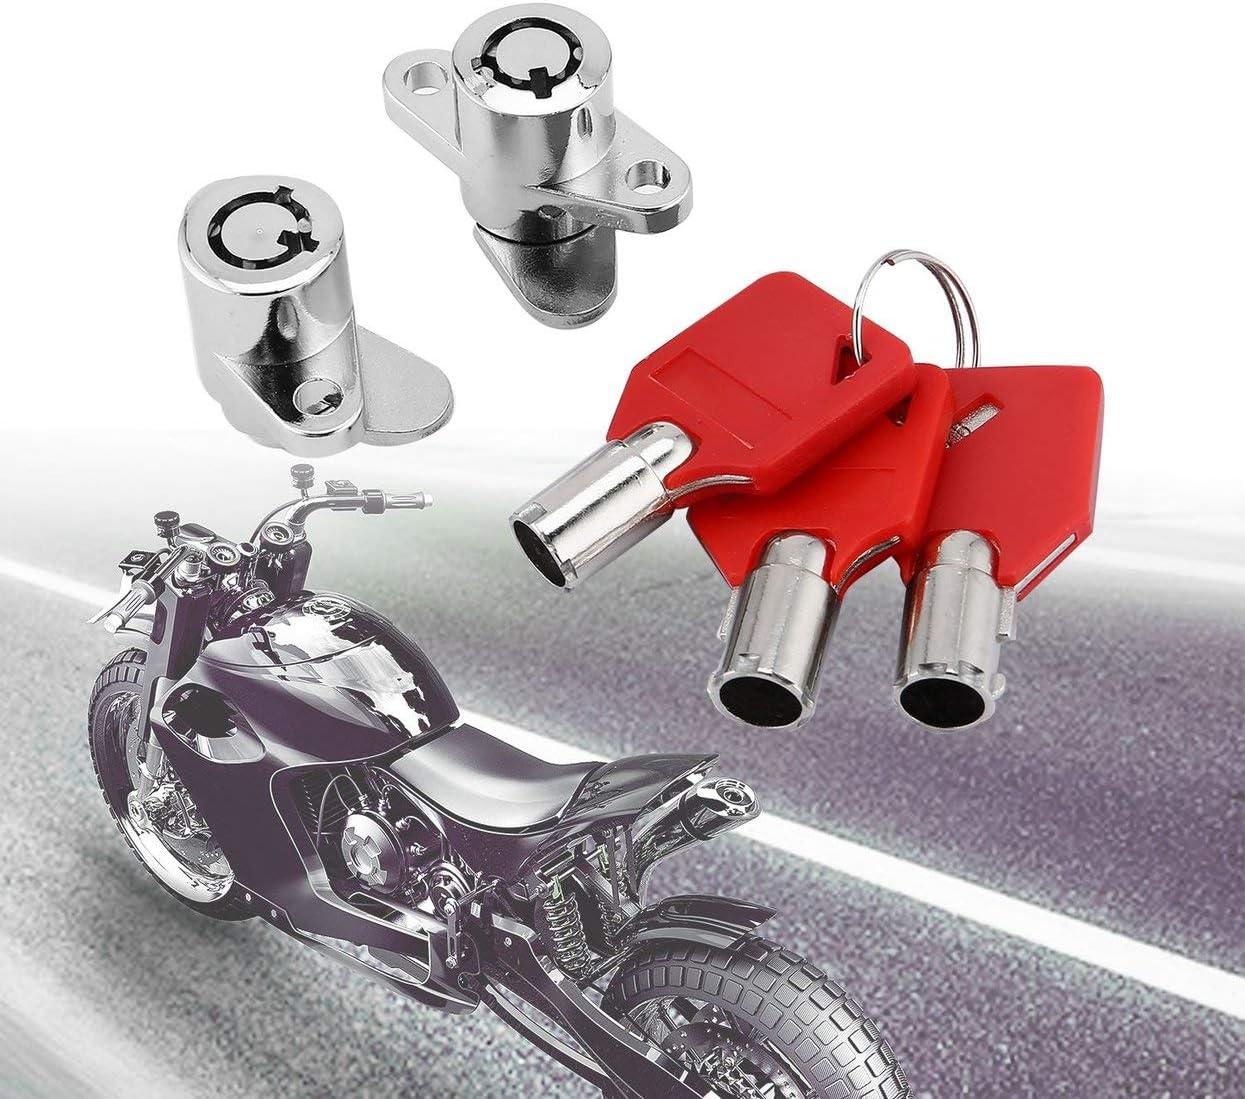 Tree On Life Motorräder Red Hard Satteltaschen Schlösser Mit Schlüsselsatz Kompatibel Für Harley Touring Electra Glide Street Road King 93 13 Küche Haushalt